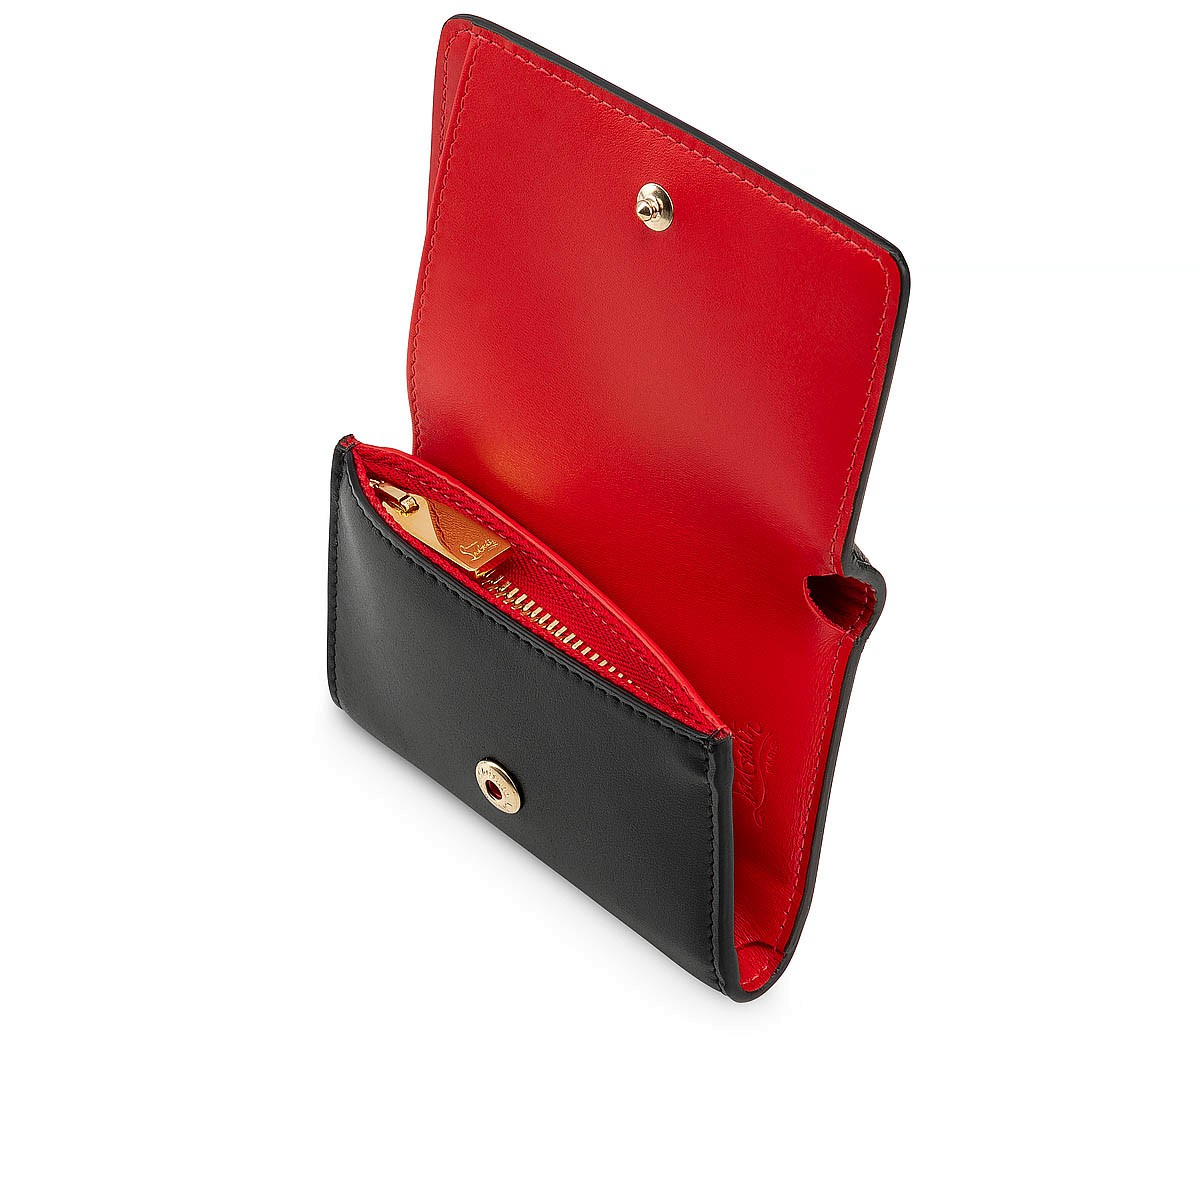 Small Leather Goods - W Loubigaga Mini Wallet - Christian Louboutin